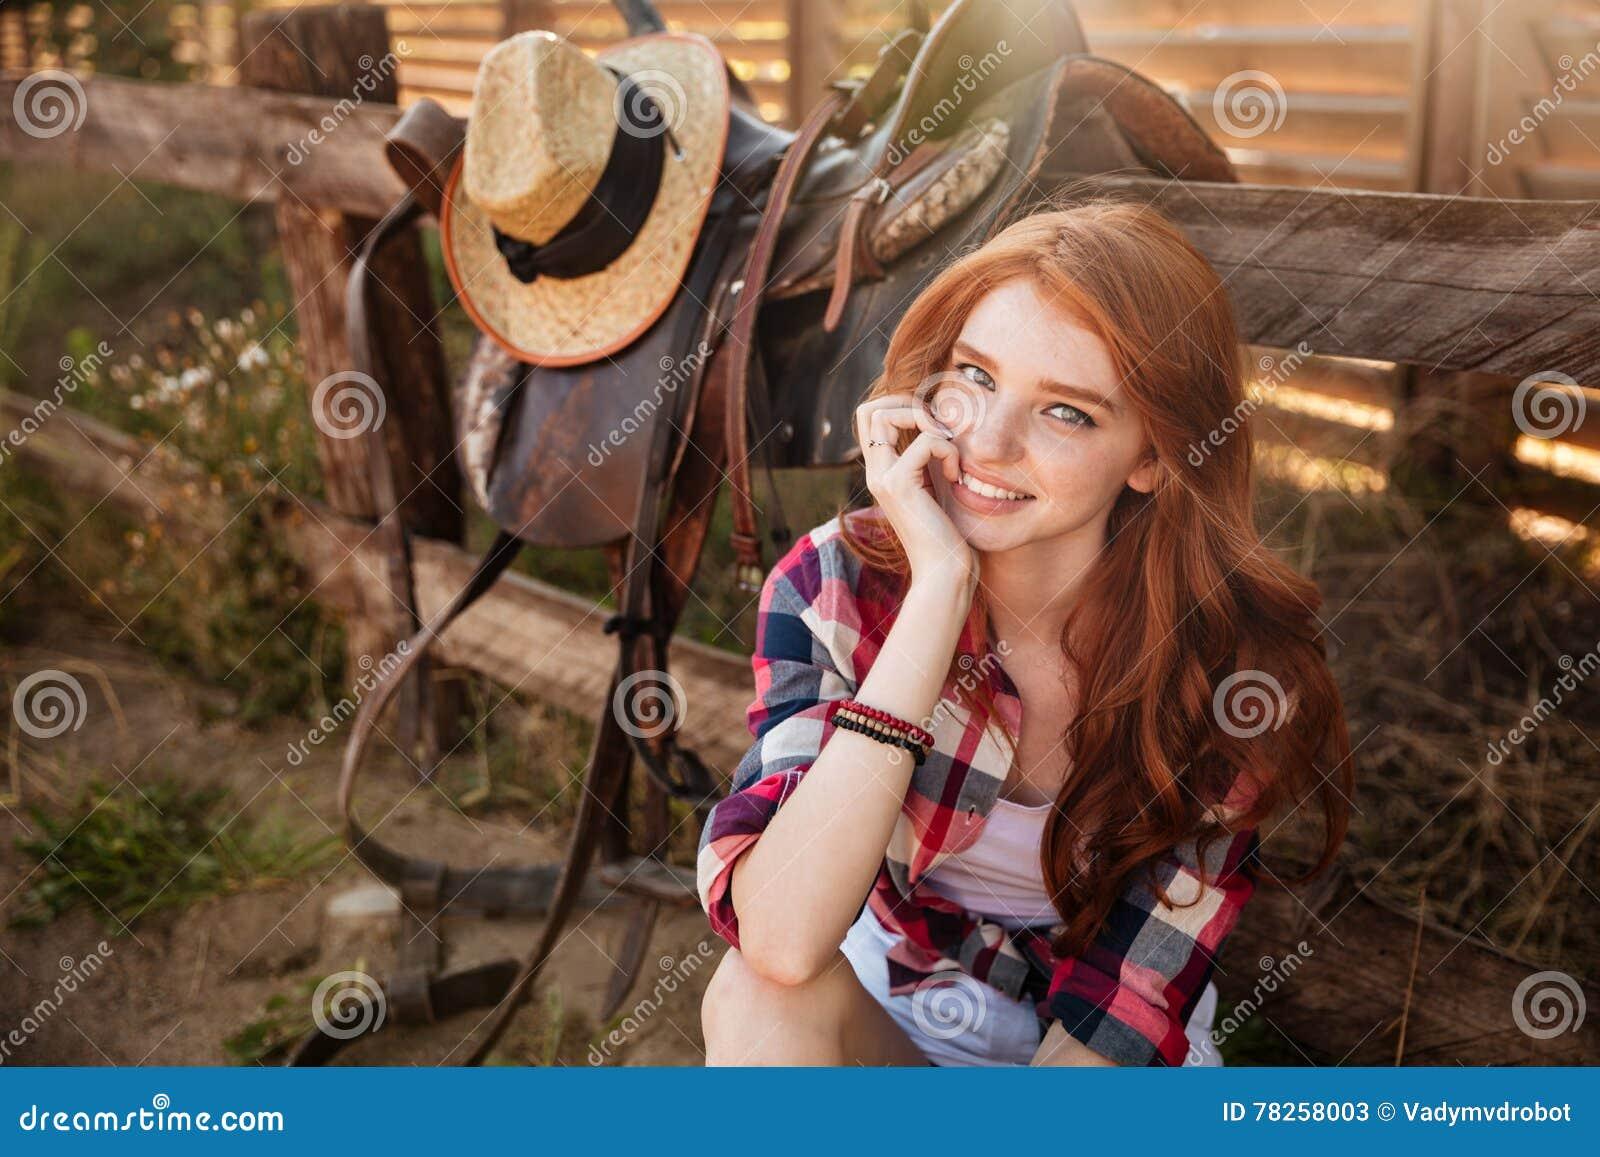 Κλείστε επάνω το πορτρέτο μιας ευτυχούς όμορφης redhead στήριξης cowgirl